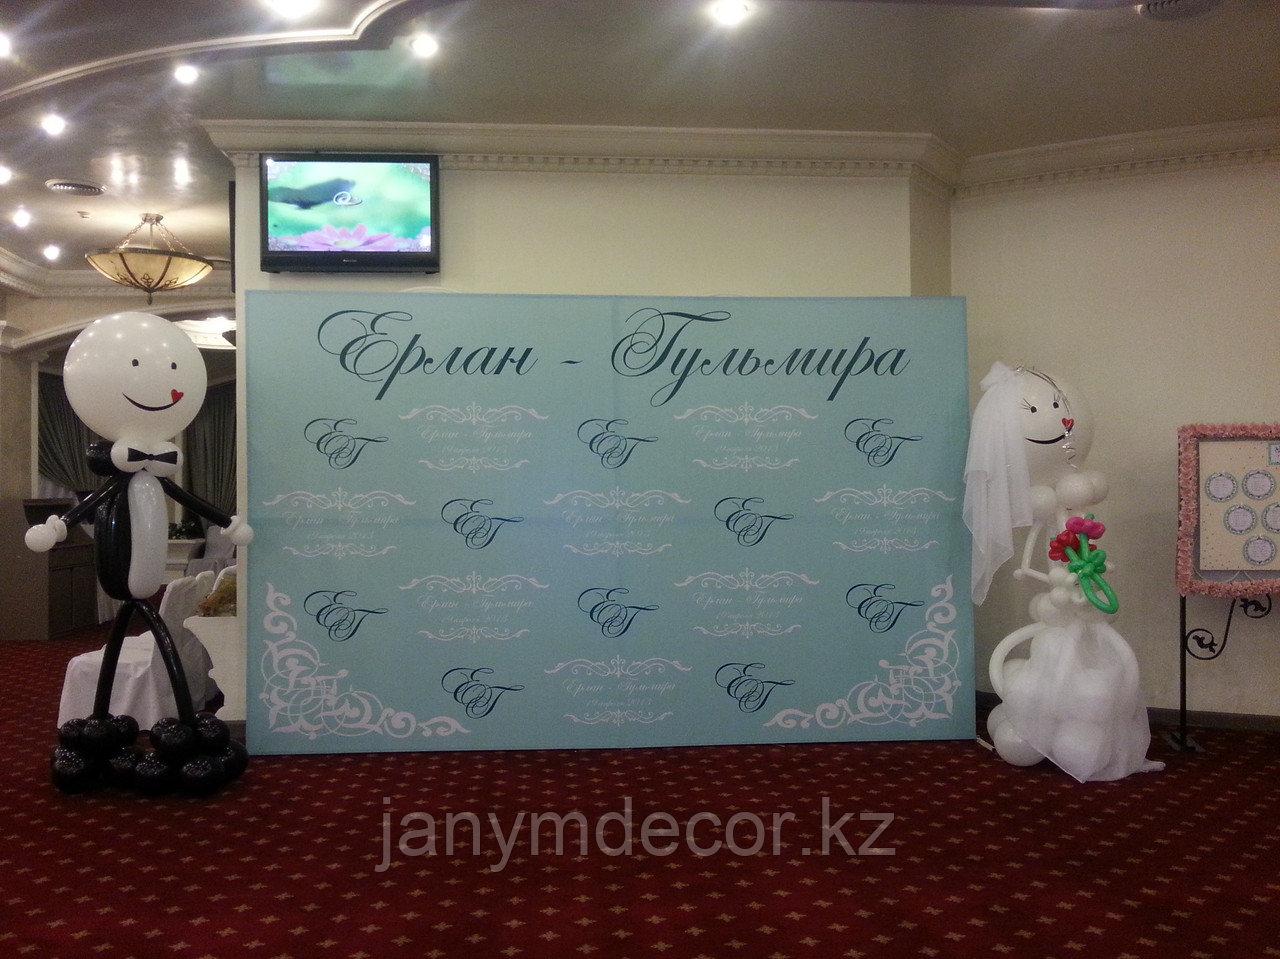 Оформление свадьбы в зале Esperanza - фото 5